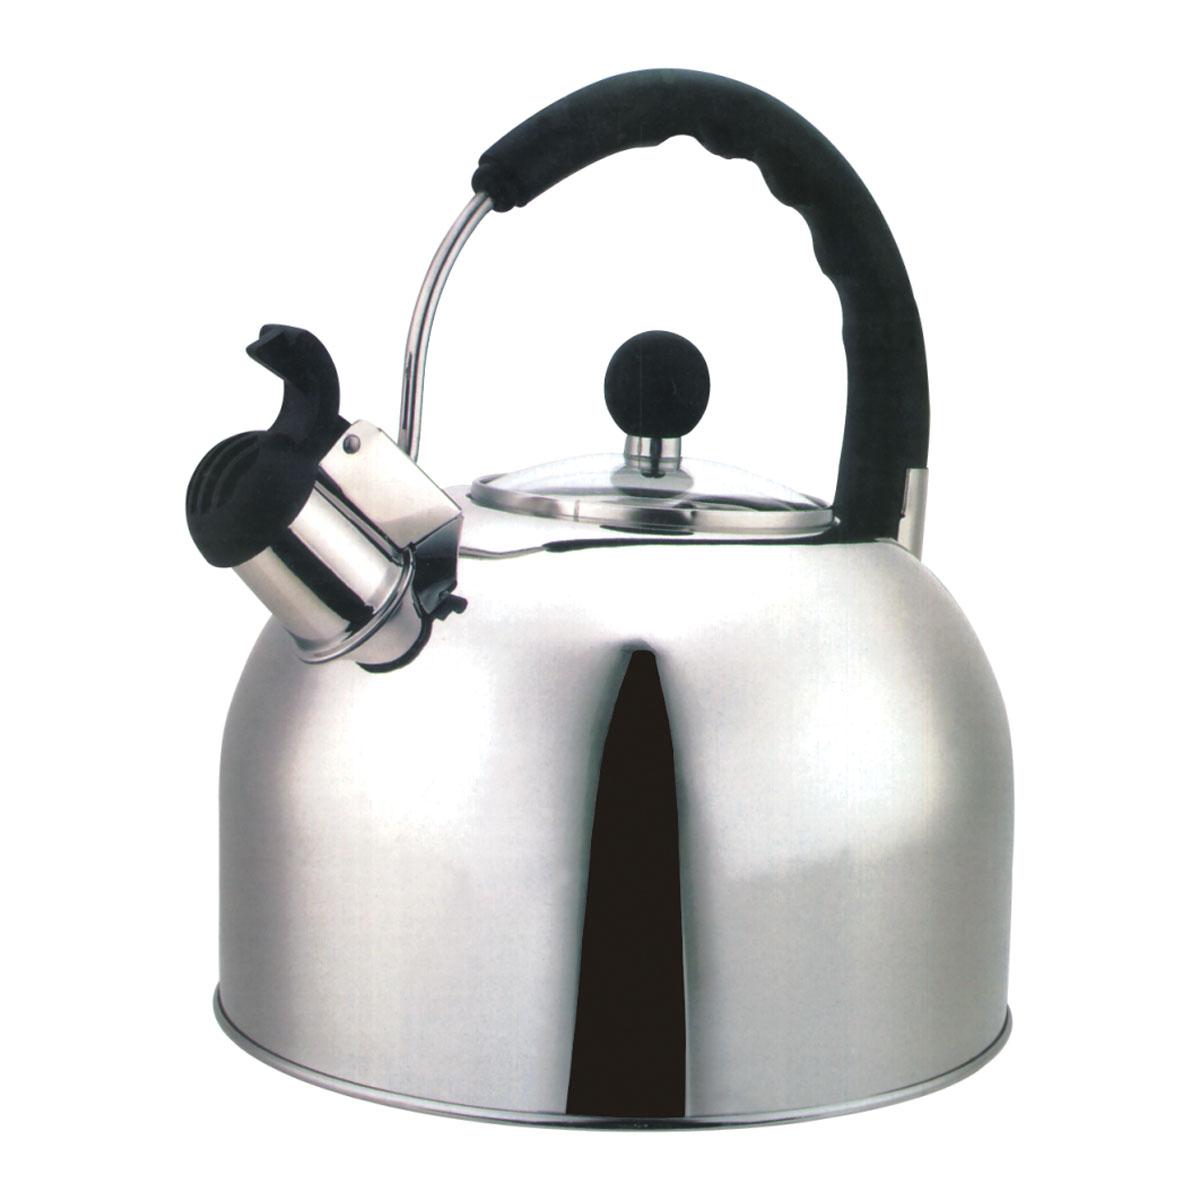 Чайник Bekker Koch со свистком, 4,5 лBK-S335Чайник Bekker Koch выполнен из высококачественной нержавеющей стали, что обеспечивает долговечность использования. Внешнее зеркальное покрытие придает приятный внешний вид. Металлическая фиксированная ручка с пластиковой вставкой делает использование чайника очень удобным и безопасным. Чайник снабжен стеклянной крышкой, свистком и устройством для открывания носика. Изделие оснащено капсулированным дном для лучшего распространения тепла. Можно мыть в посудомоечной машине. Пригоден для всех видов плит кроме индукционных.